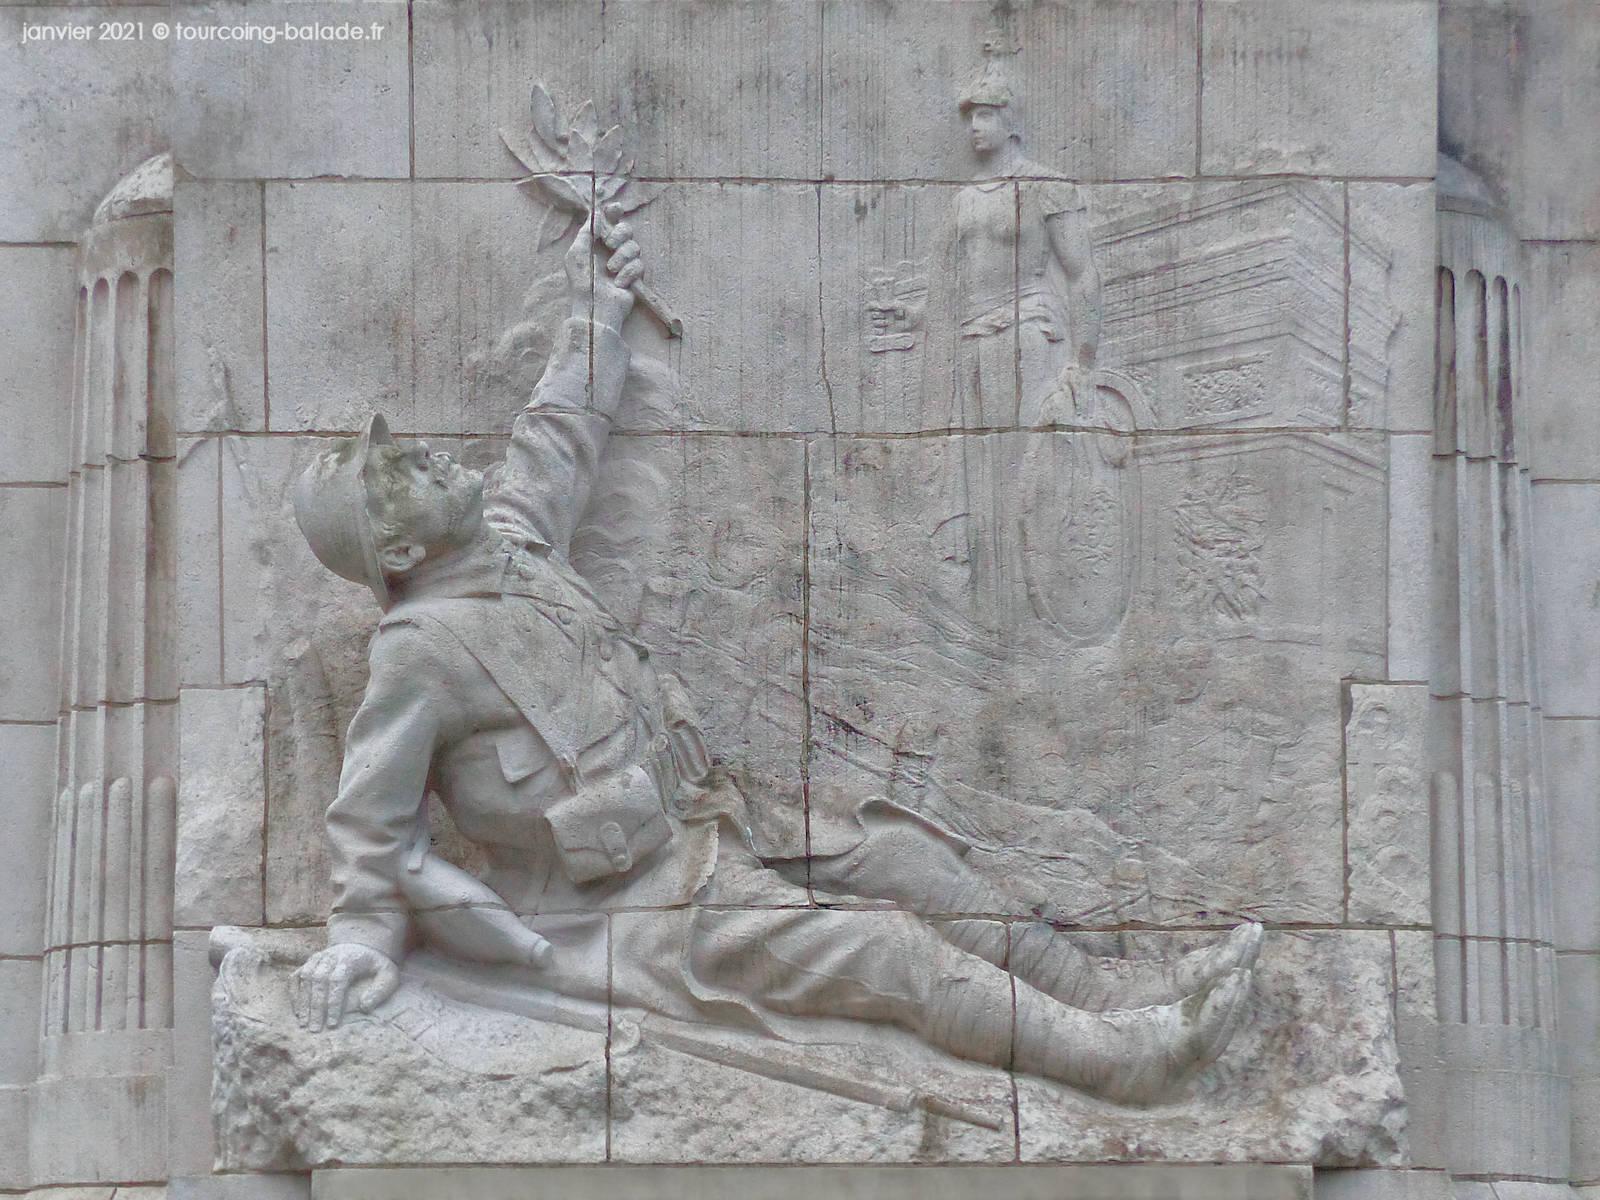 Poilu du Monument aux Morts, Mouvaux 2021